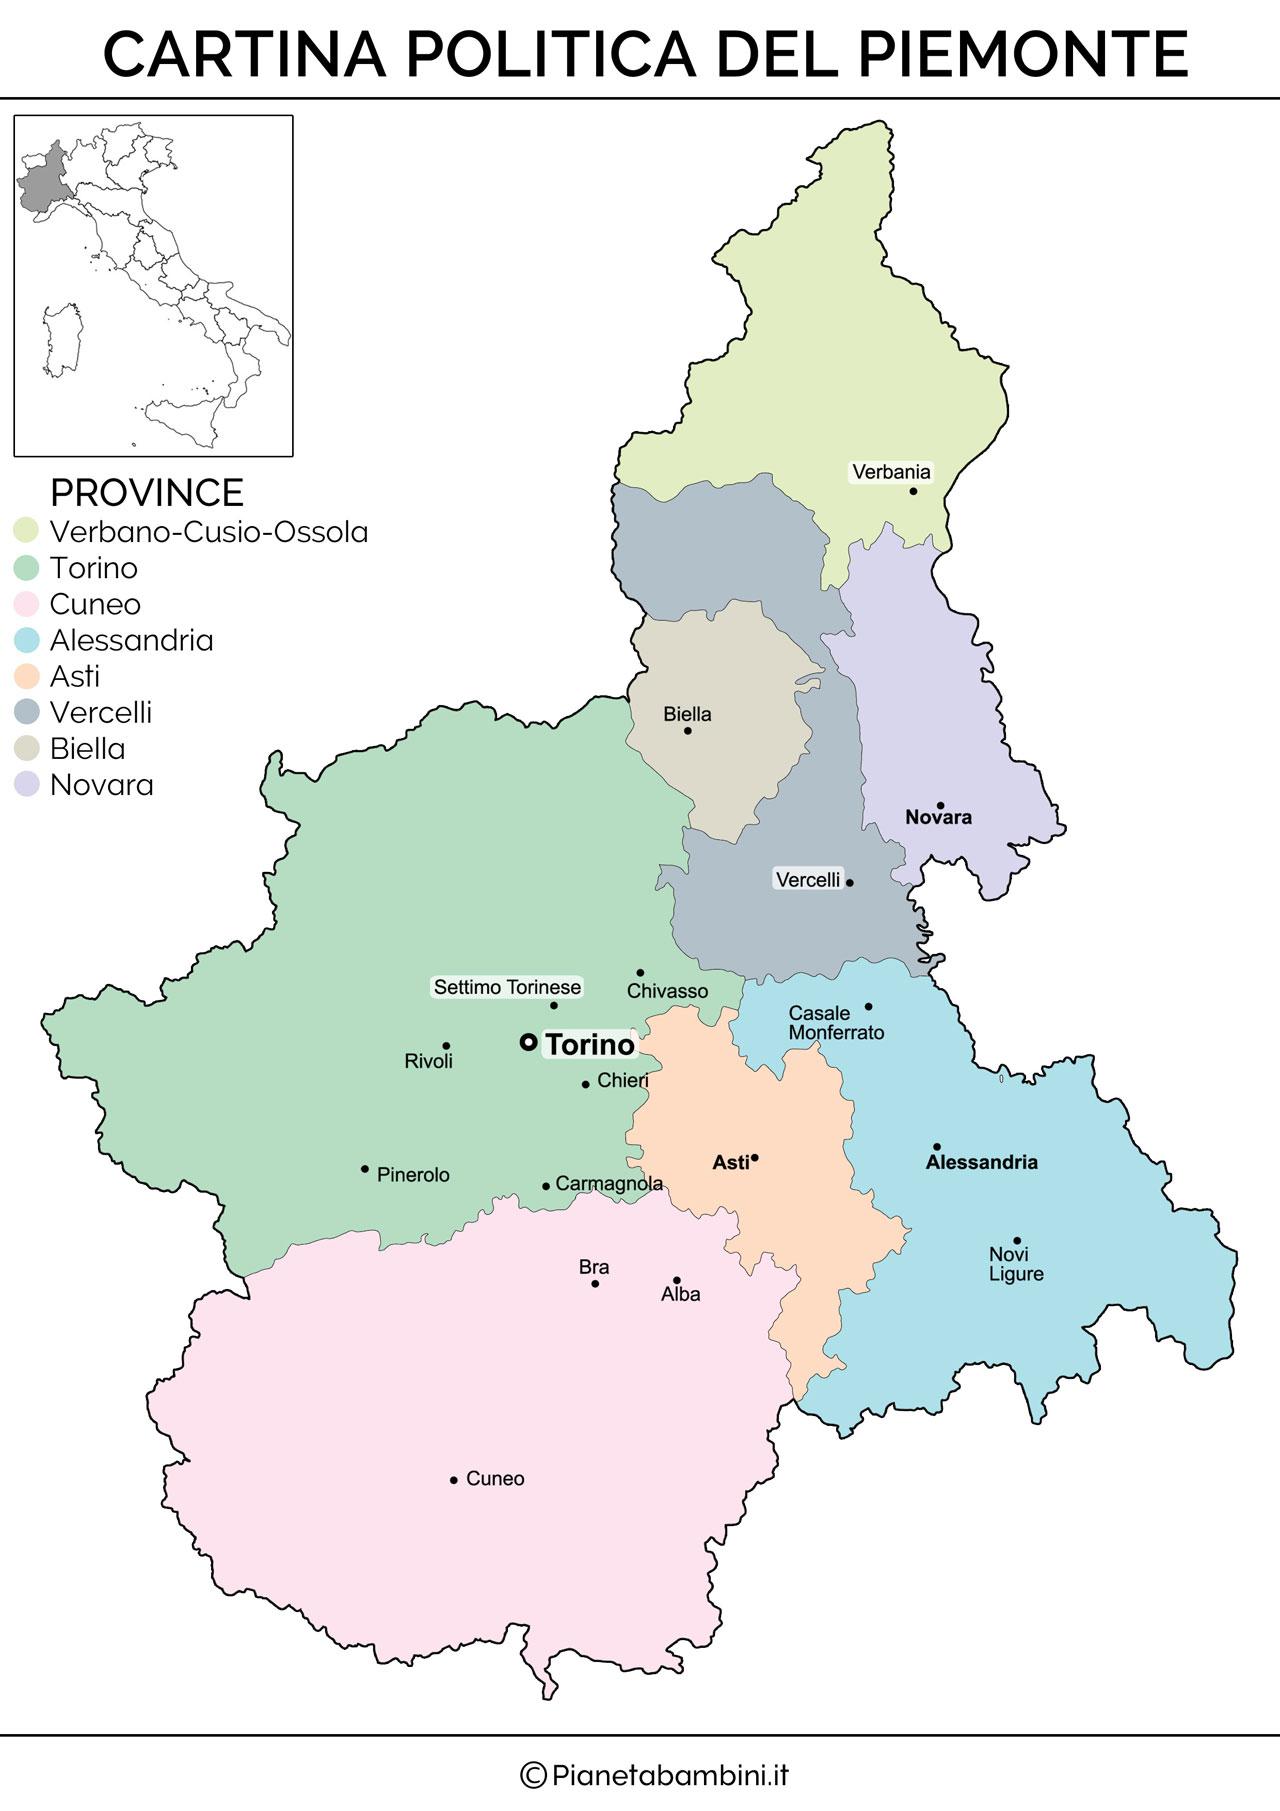 Regione Piemonte Cartina Fisica.Cartina Muta Fisica E Politica Del Piemonte Da Stampare Pianetabambini It